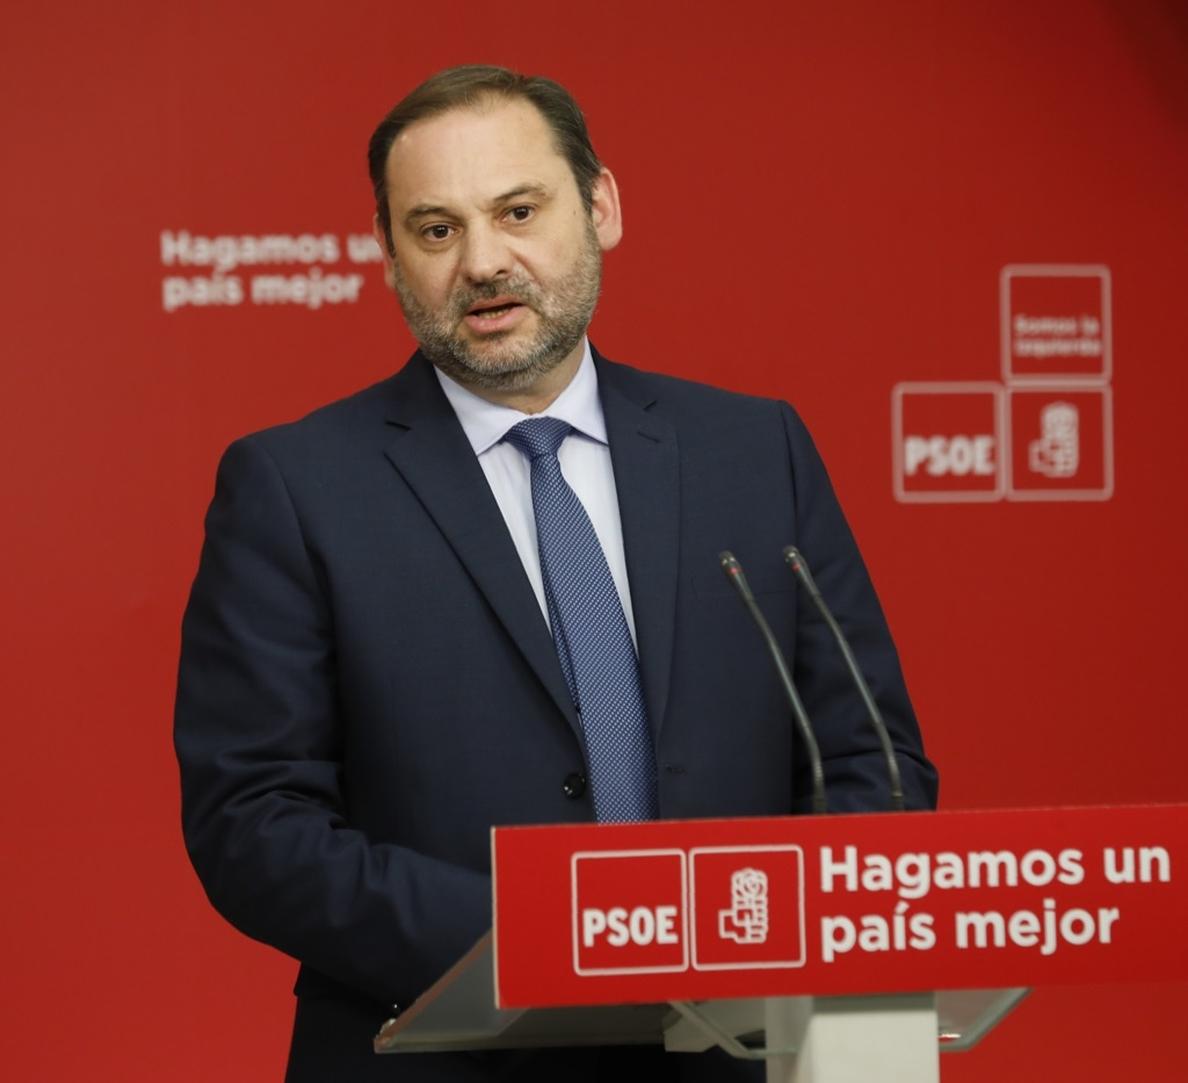 Ábalos será el encargado de presentar ante el Pleno del Congreso la moción de censura de Pedro Sánchez